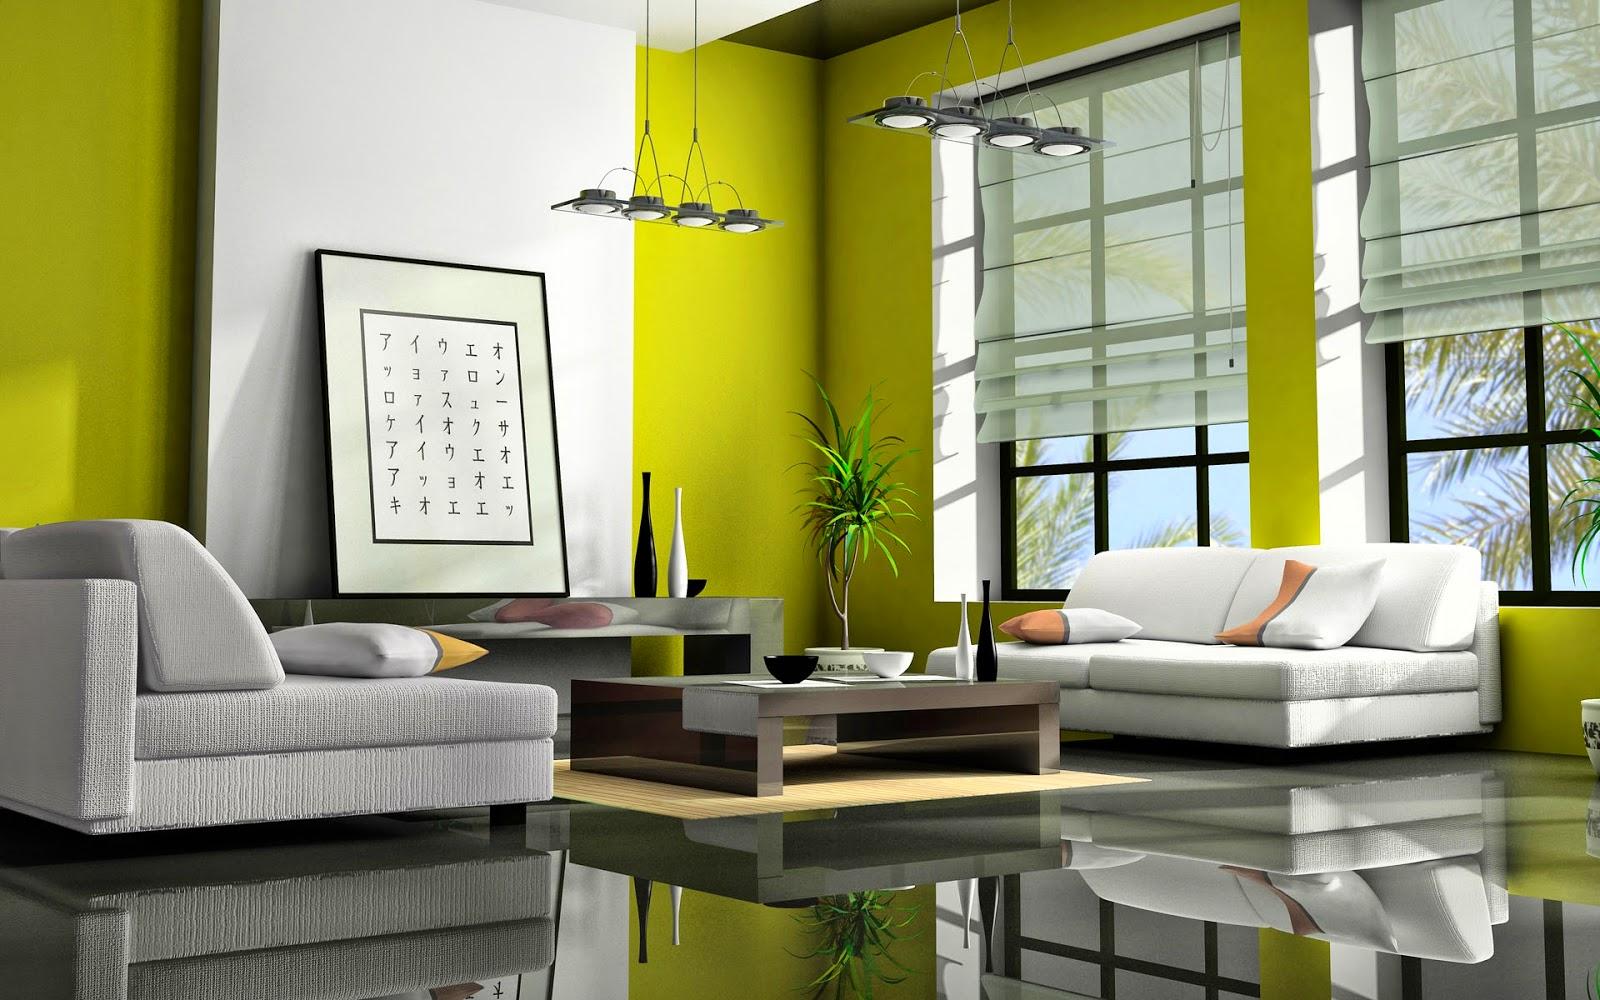 7 tiêu chí nòng cốt đừng quên khi mua căn hộ chung cư